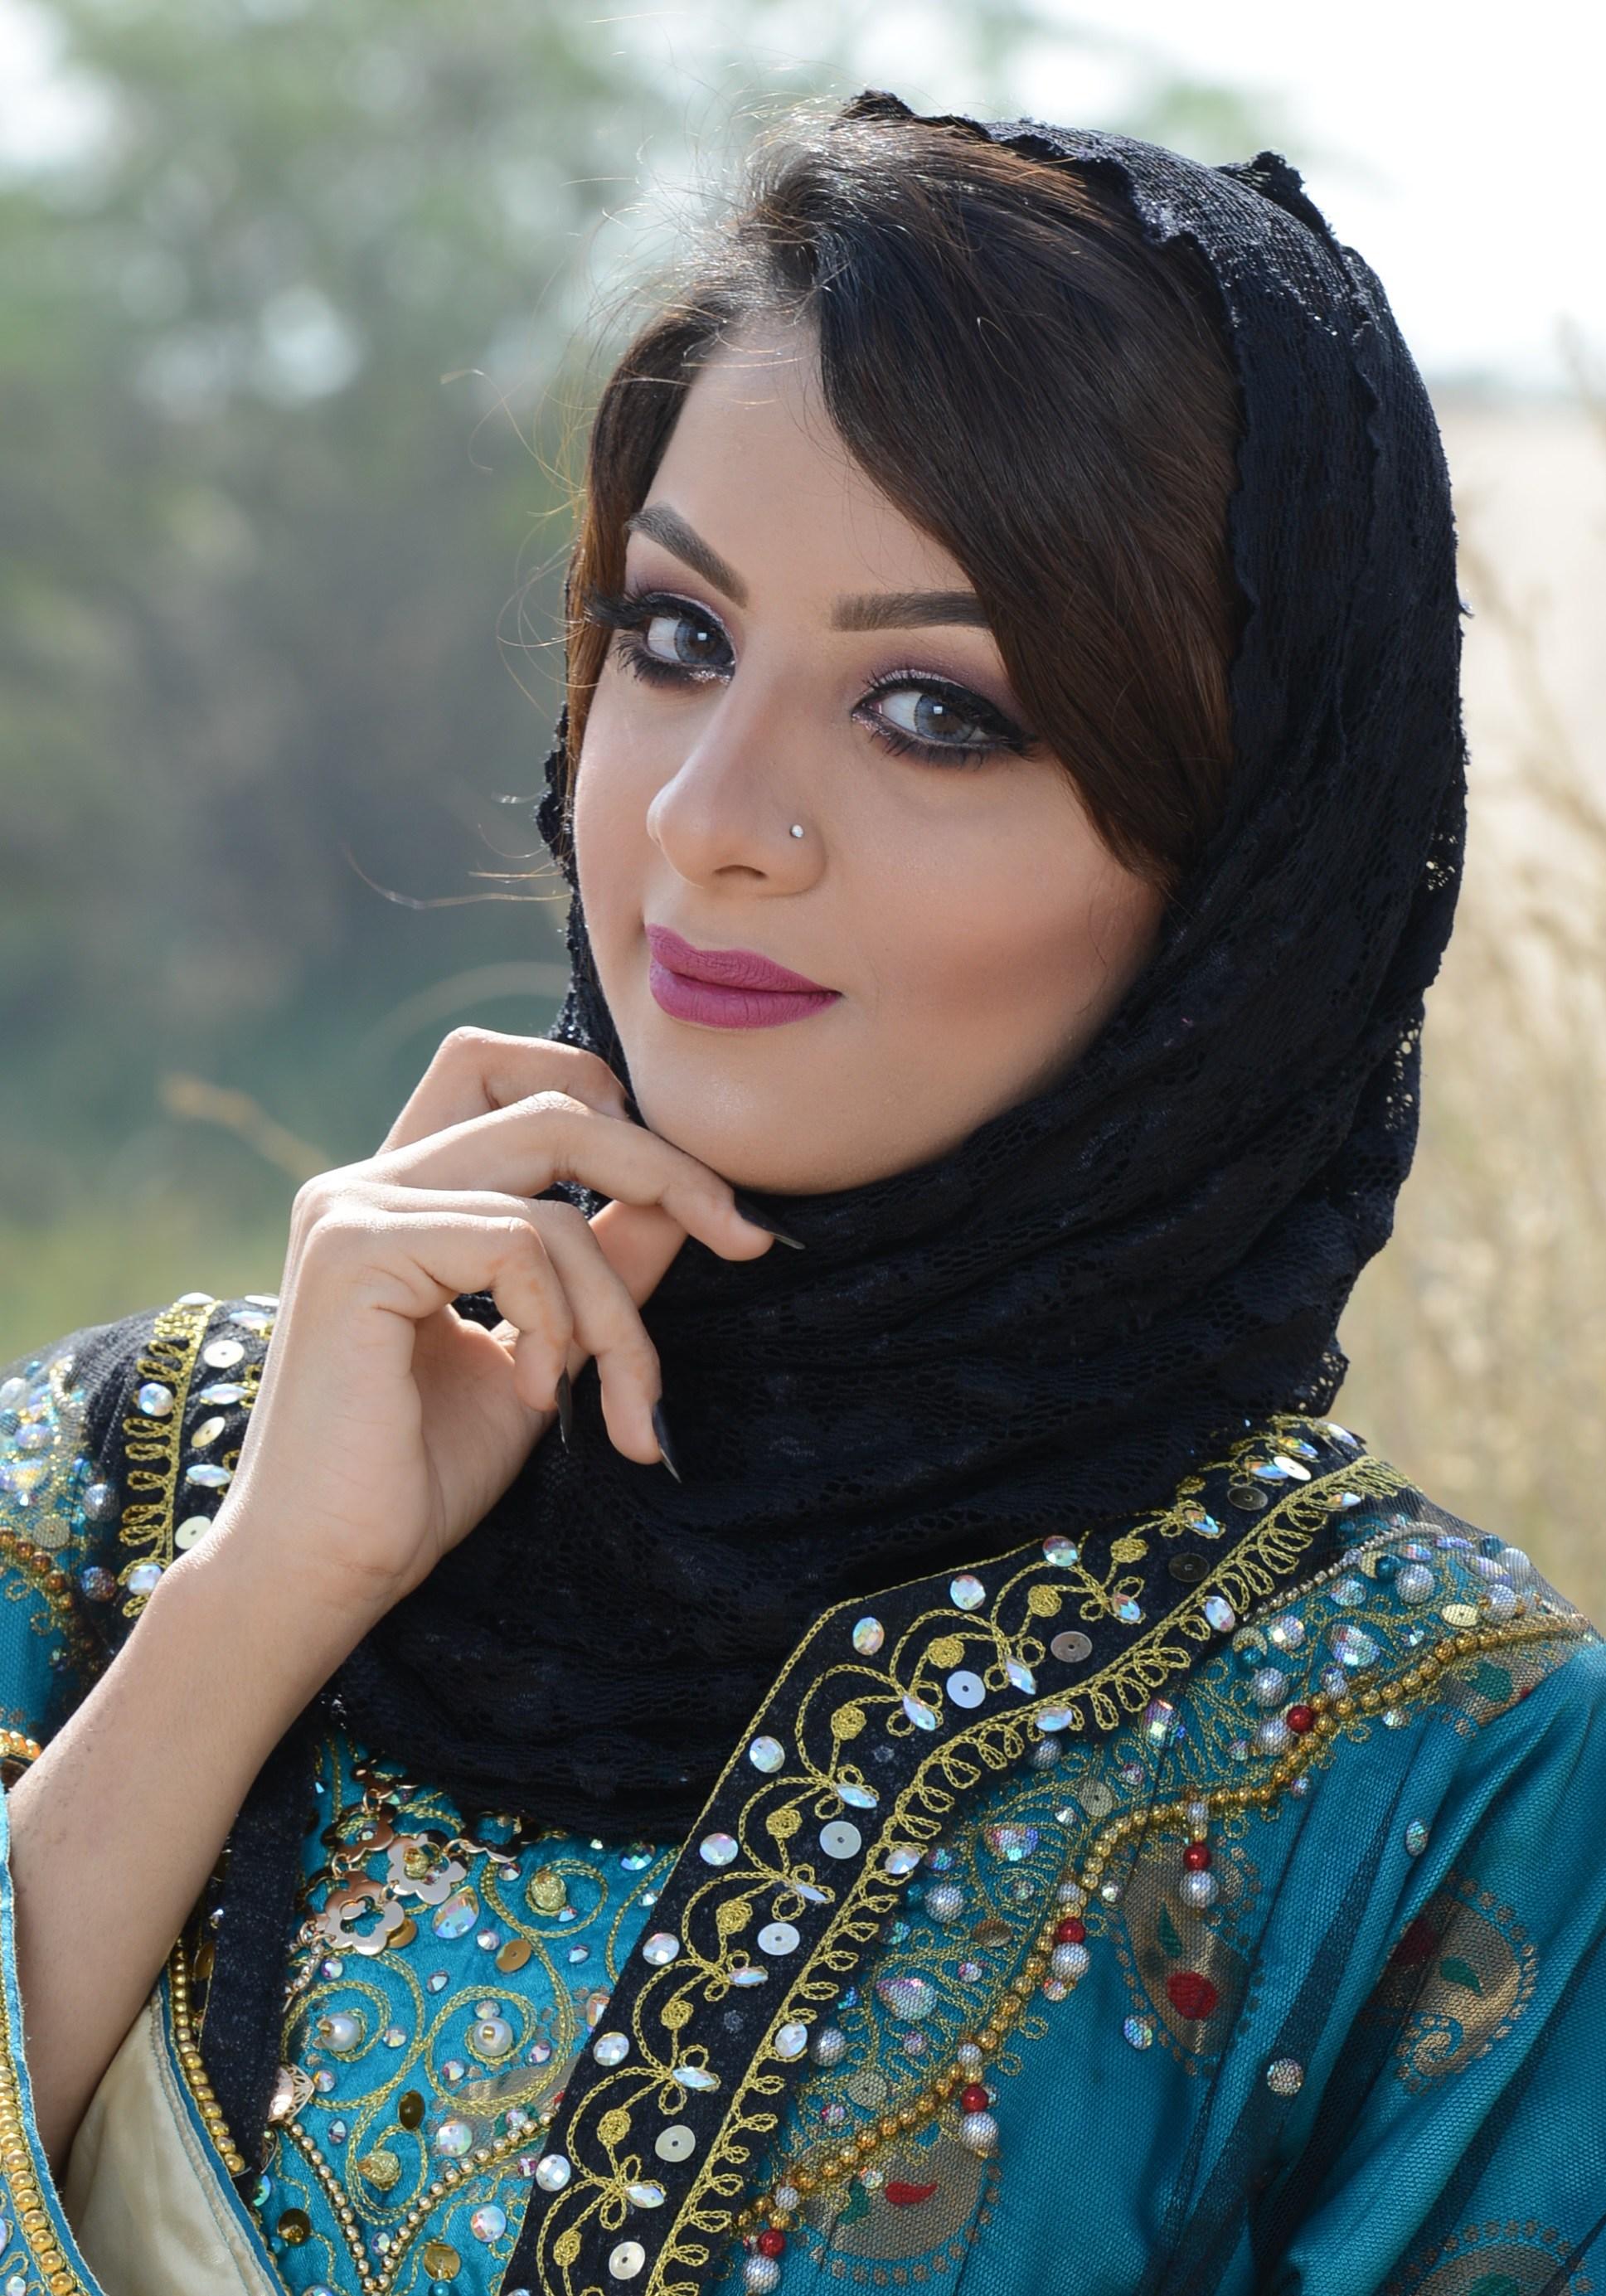 بالصور بنات سلطنة عمان بالصور لا يفوتكم , بنت خليجية من سلطنة عمان 15108 6